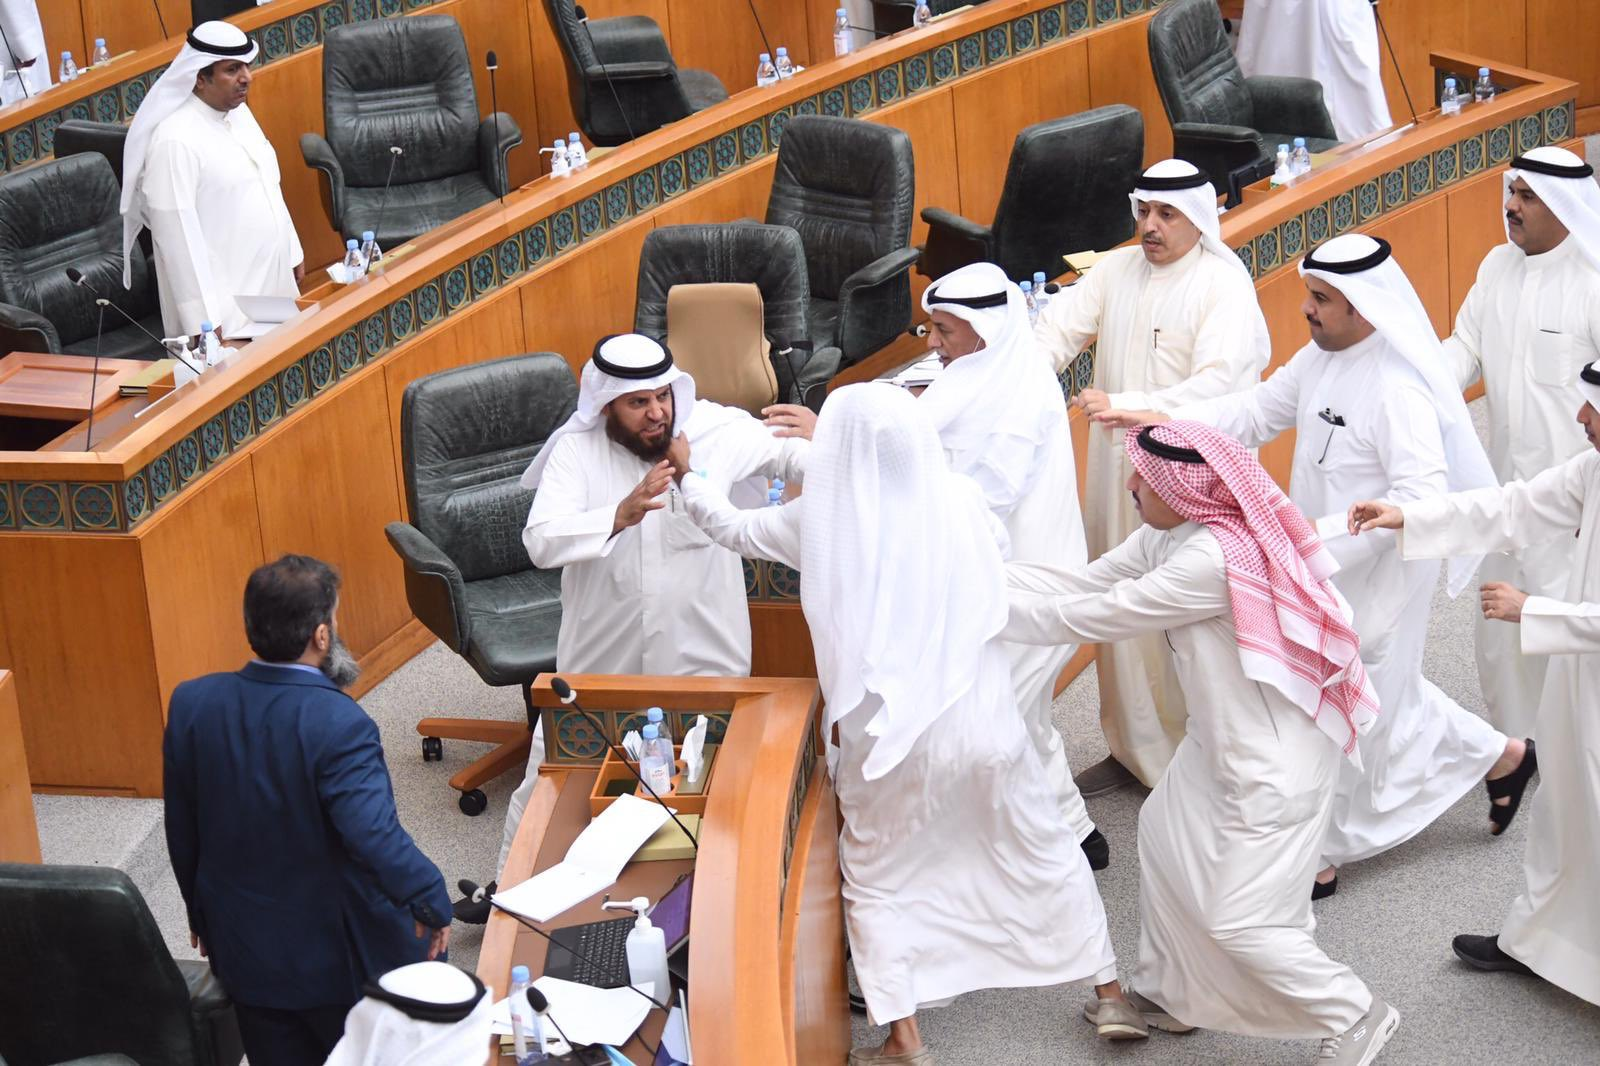 اشتباك بالأيدي بين نواب البرلمان الكويتي بسبب ميزانية الوزارات (شاهد)